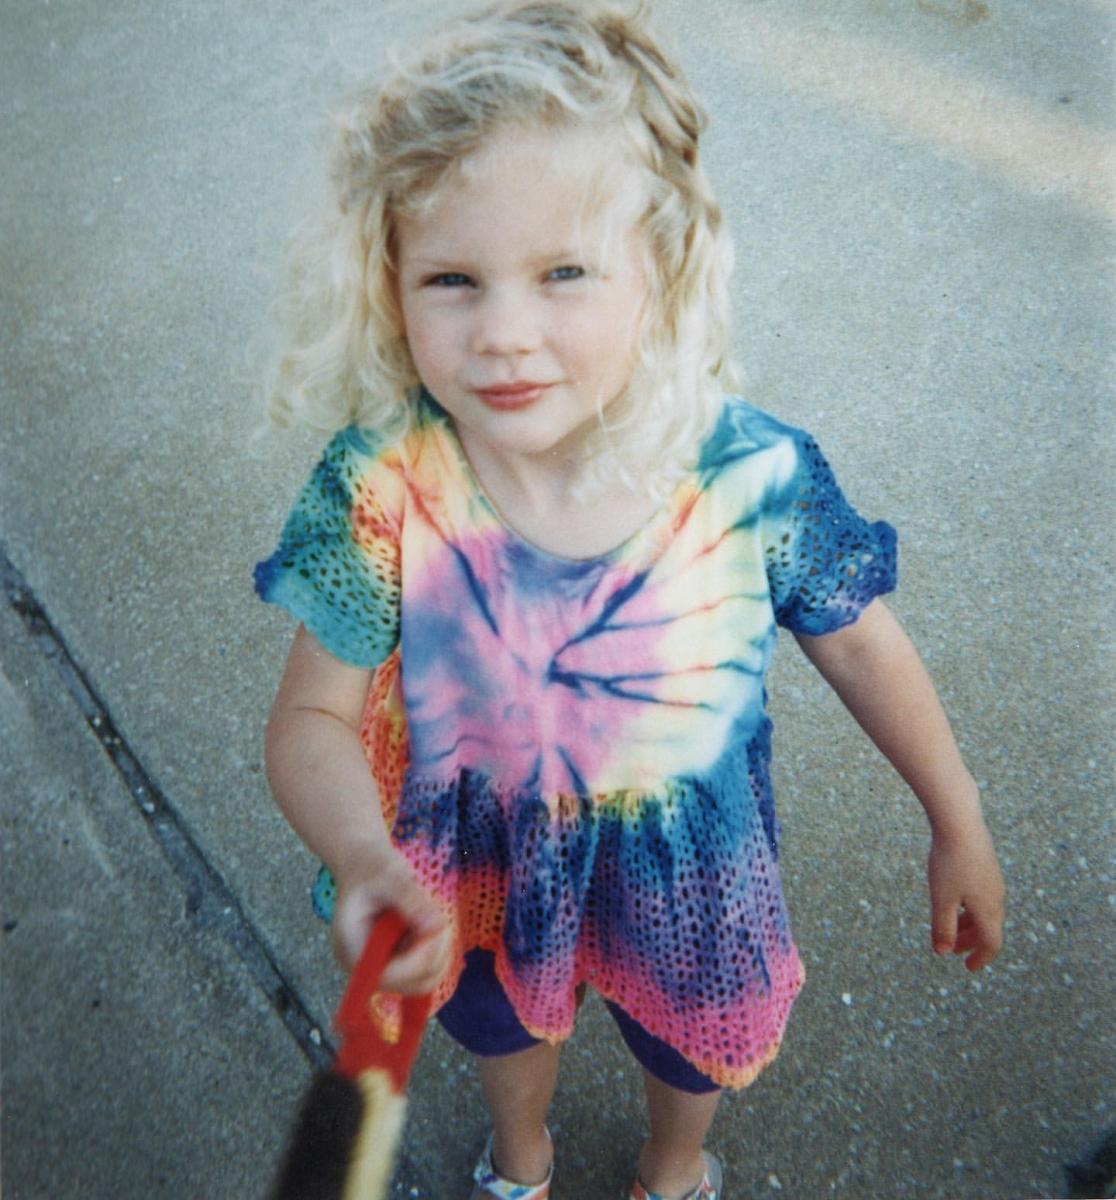 タイダイのワンピースを着たキュートな美少女は、5〜6歳ぐらいと思われる少女時代の人気歌手。カントリーシンガーになるため、14歳の時一家でテネシー州ナッシュビルに引っ越し、16歳でデビュー。当時からウェーブがかかったブロンドヘアの美少女カントリー歌手として注目されていた。